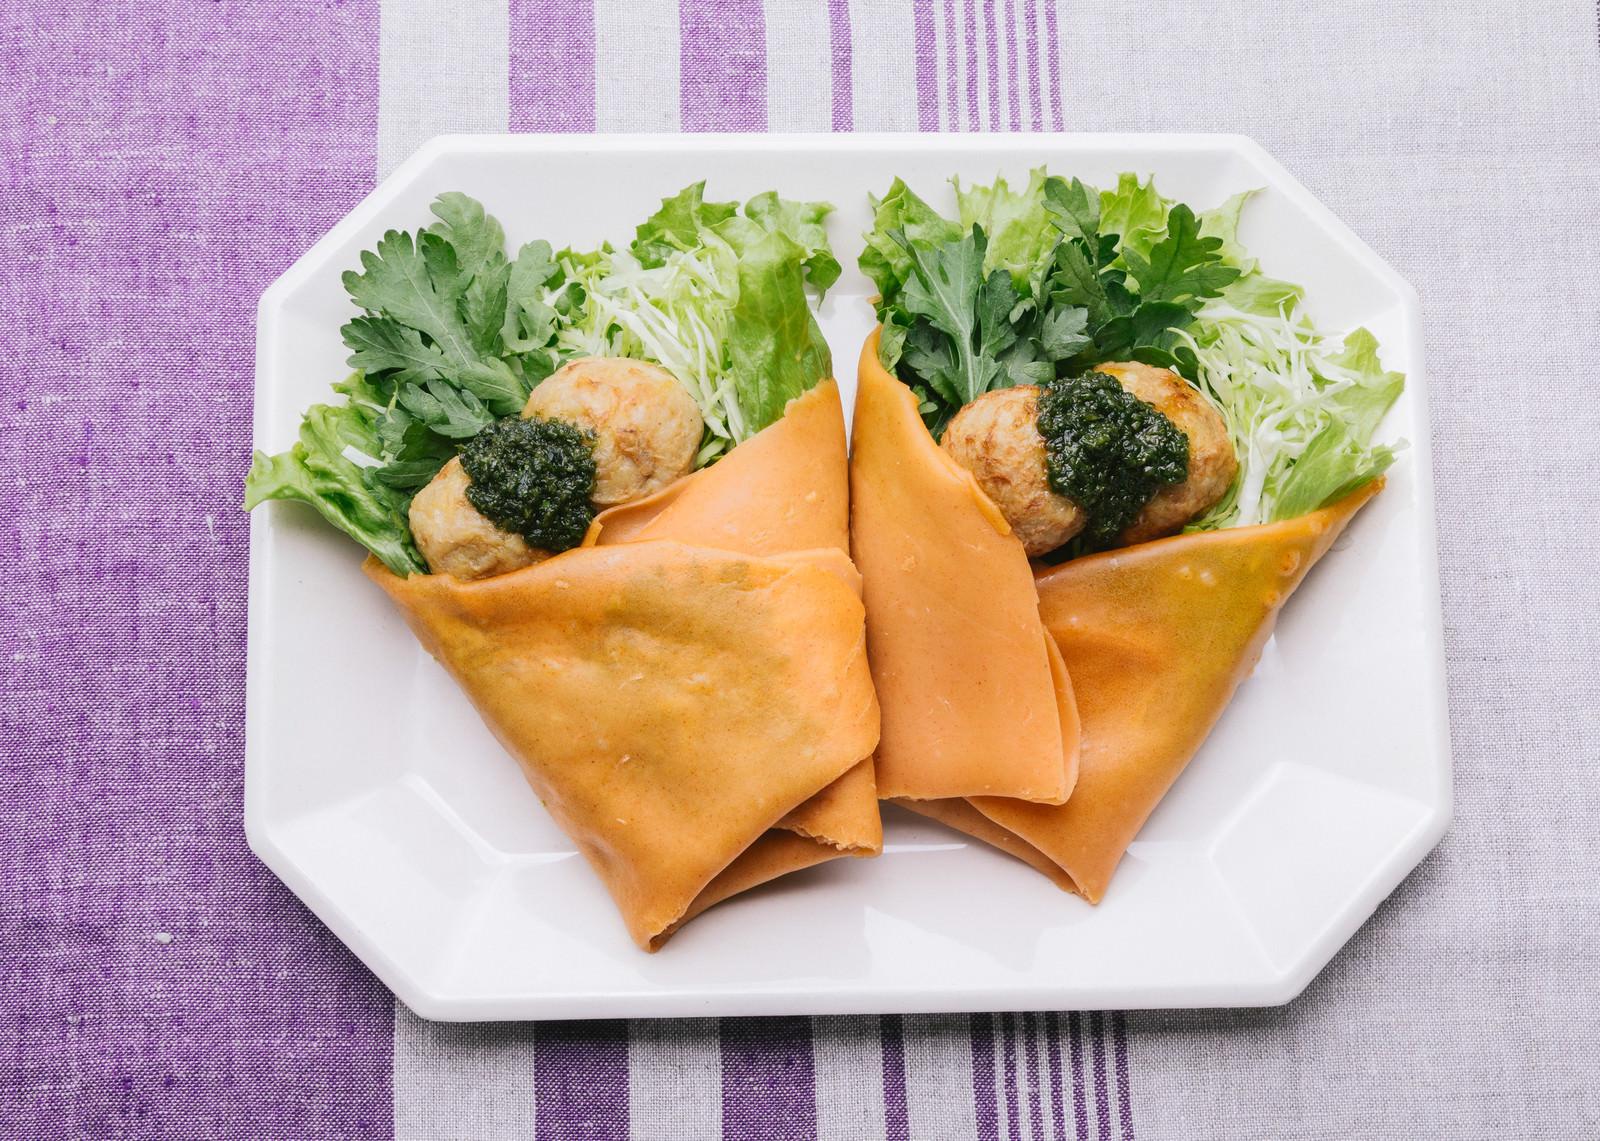 「里芋の甘みとねっとり感「ジェノベーゼのベジクレープ 」」の写真